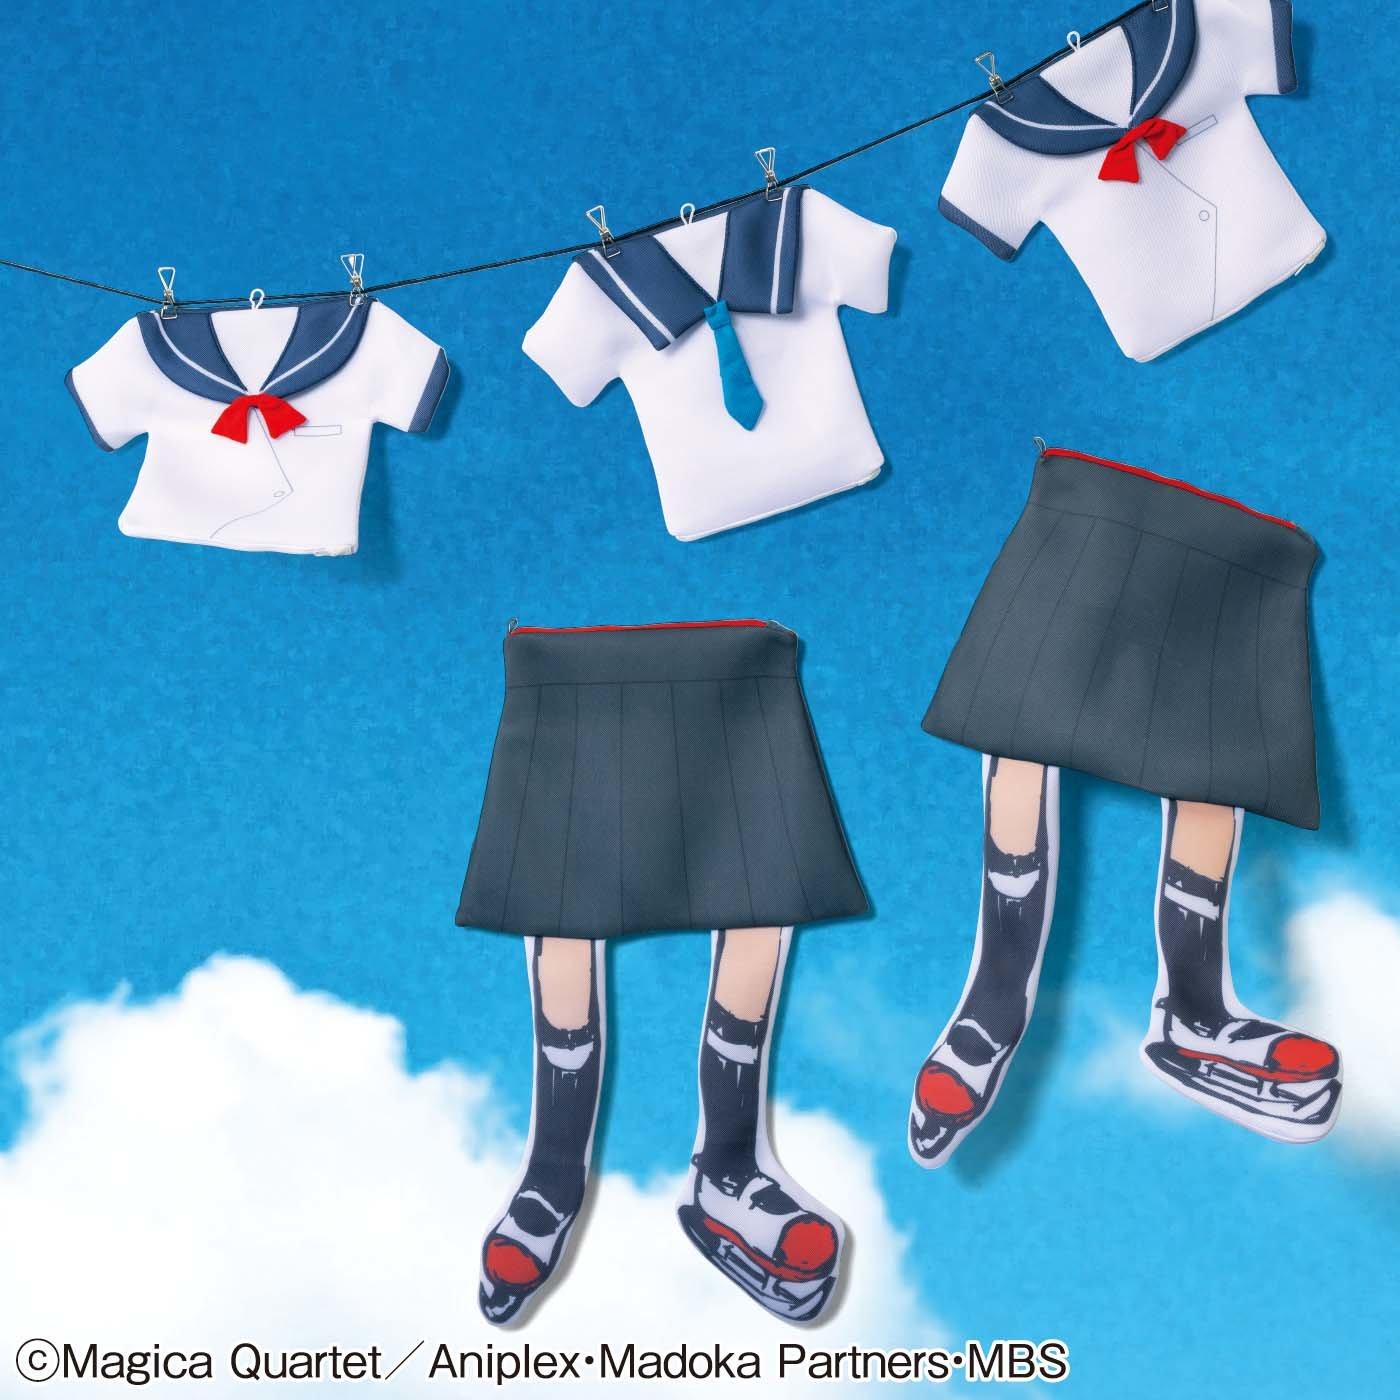 魔法少女まどか☆マギカ 委員長の魔女と手下の洗濯ネットの会